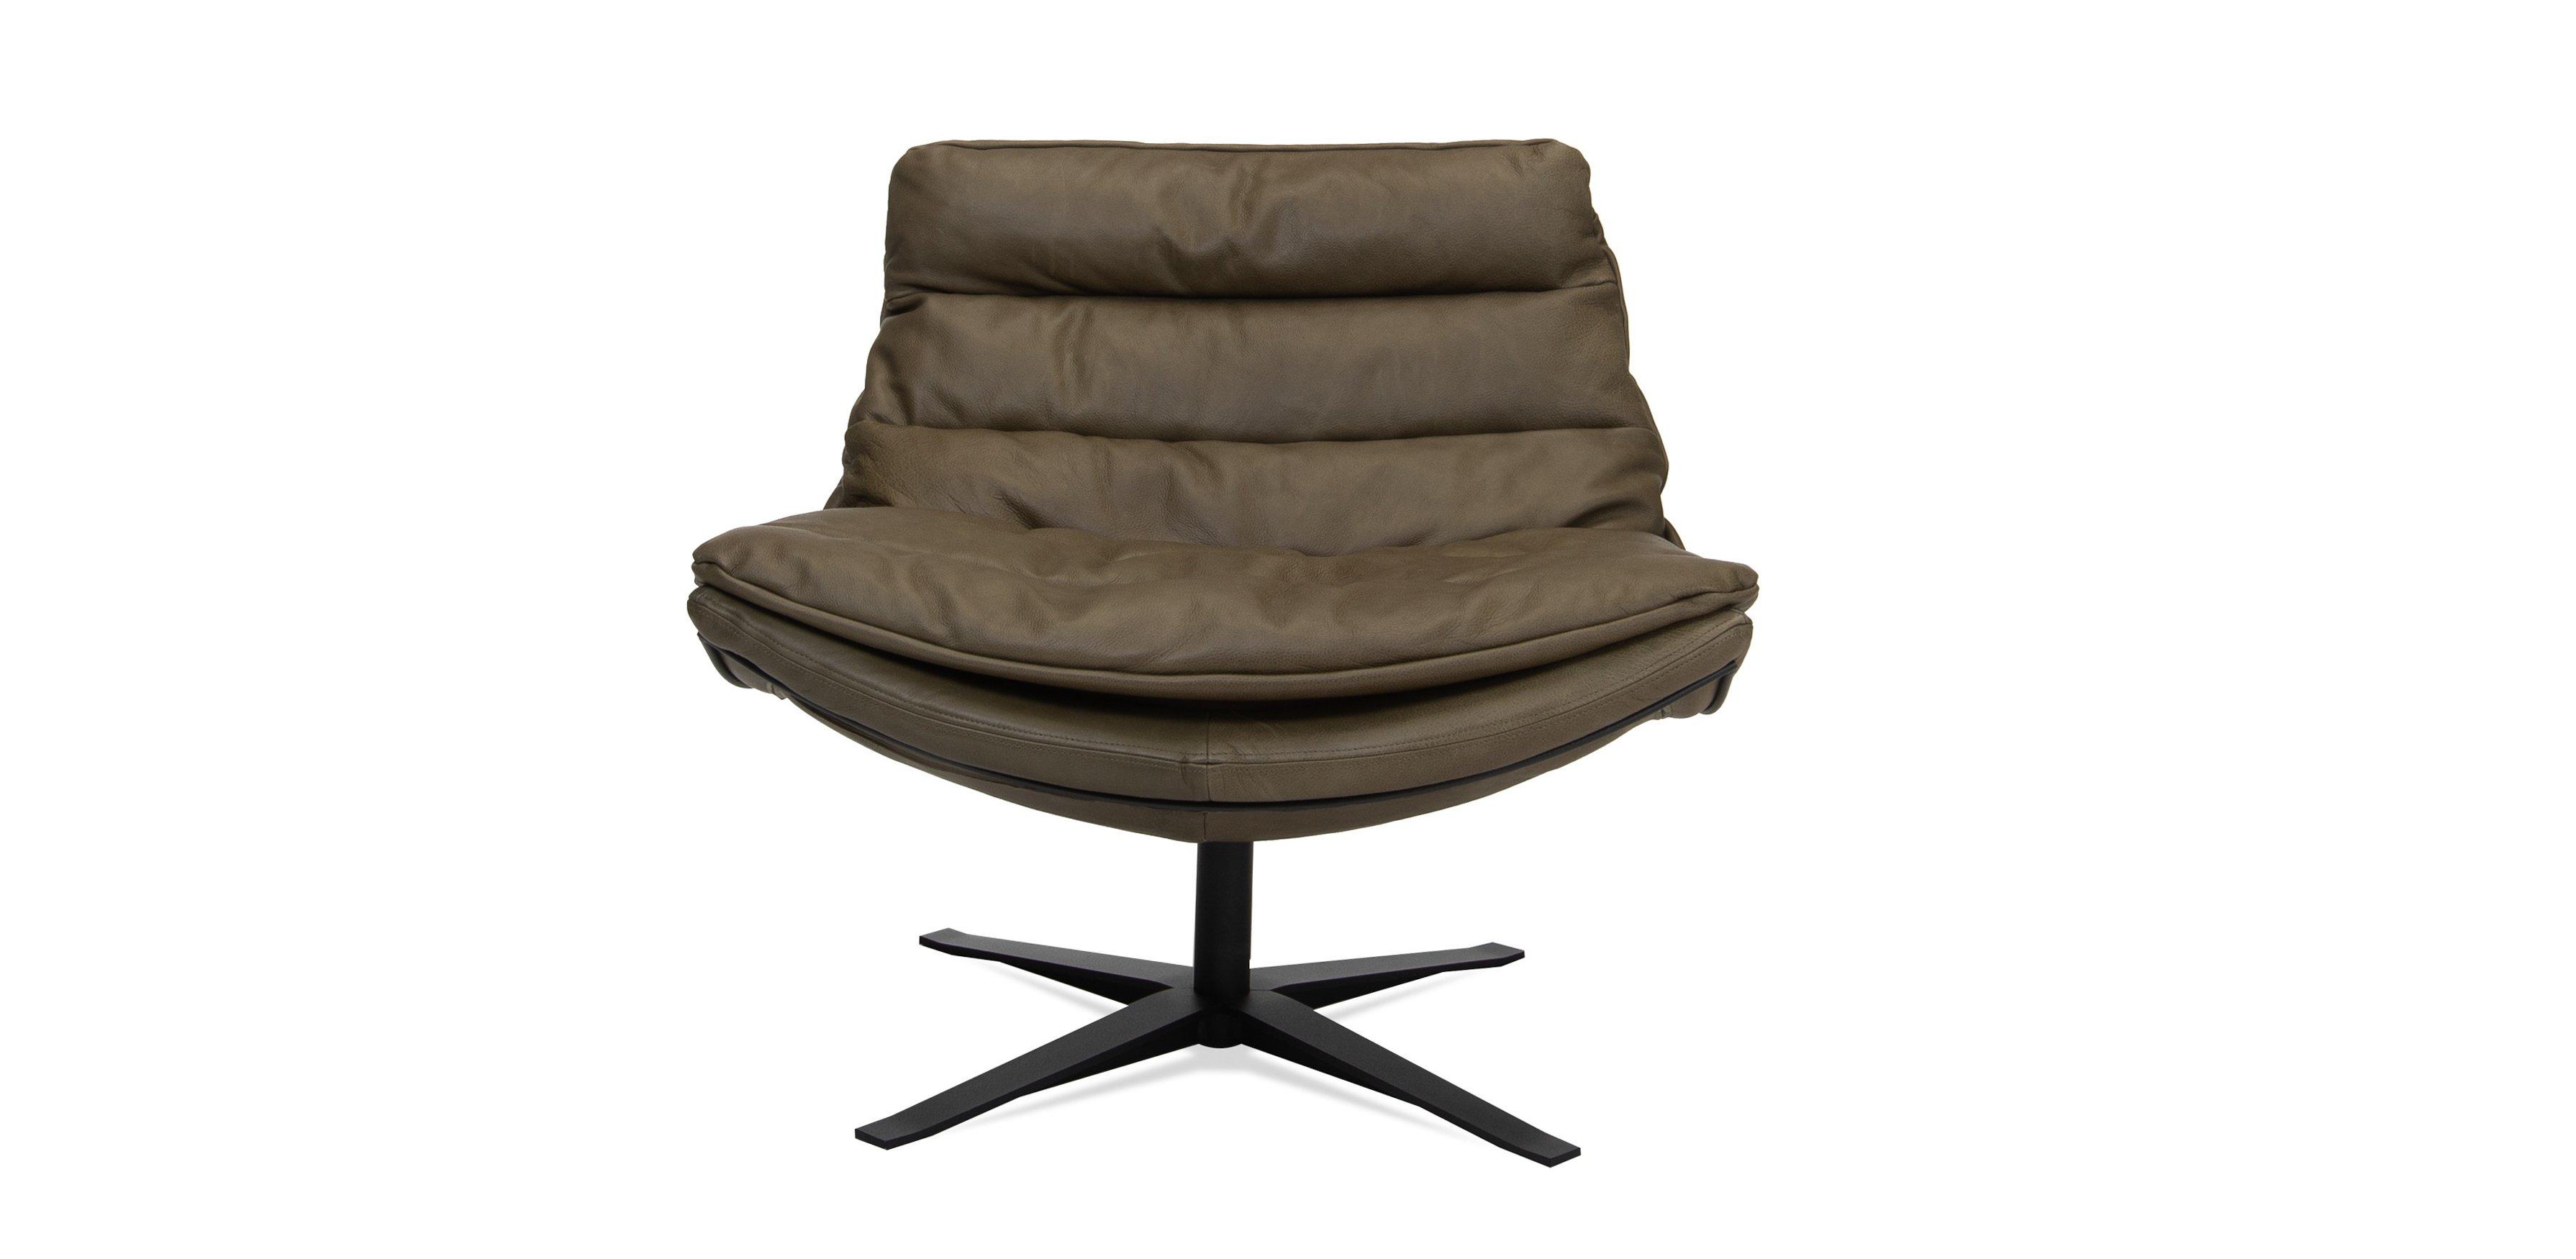 Kameraad fauteuil DYYK 1